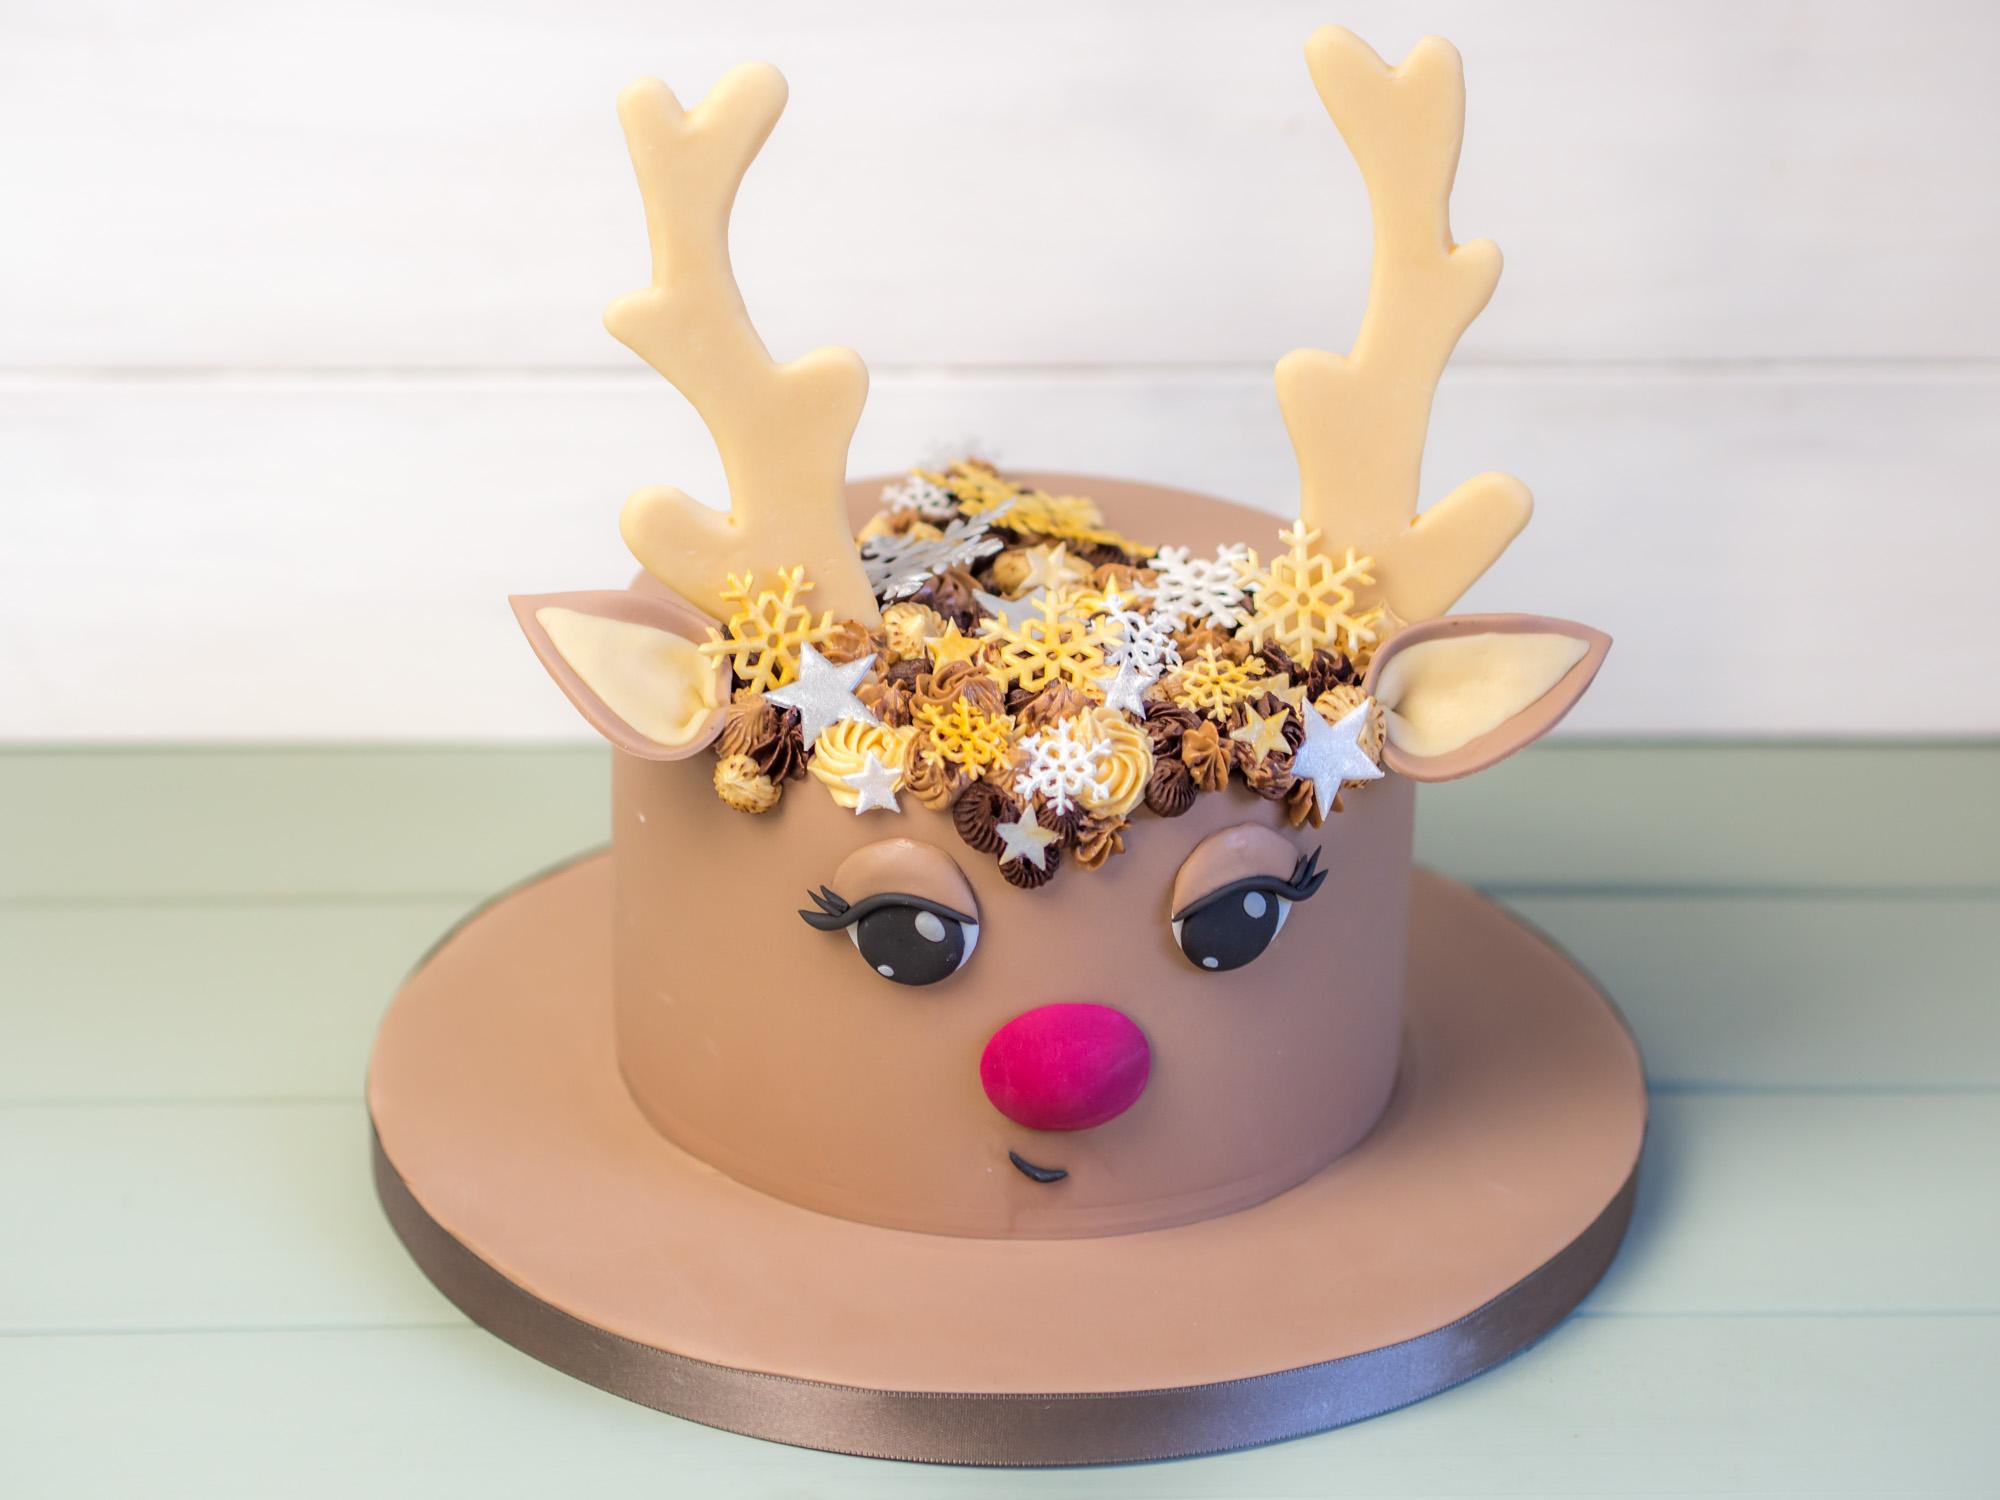 anleitung f r eine rentier torte als weihnachts torte. Black Bedroom Furniture Sets. Home Design Ideas